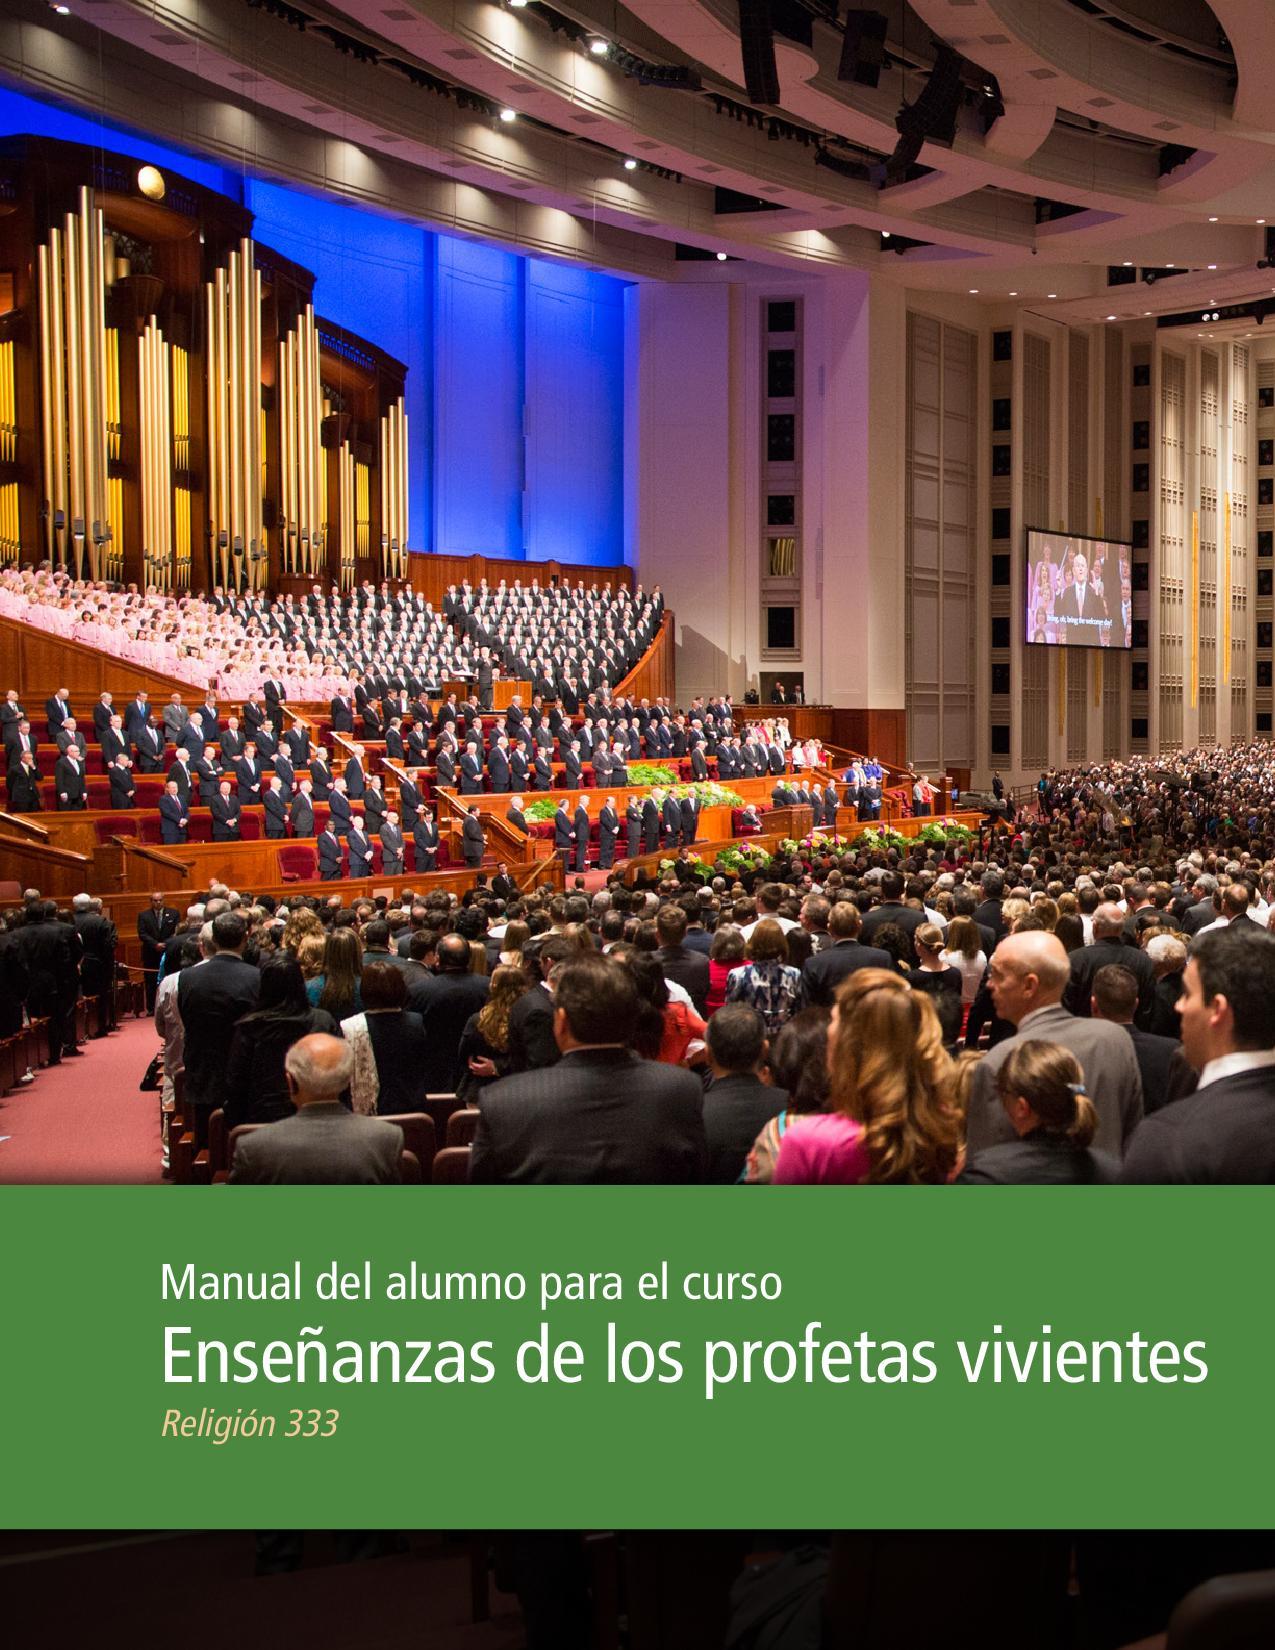 Enseñanzas de los profetas vivientes: Manual del alumno